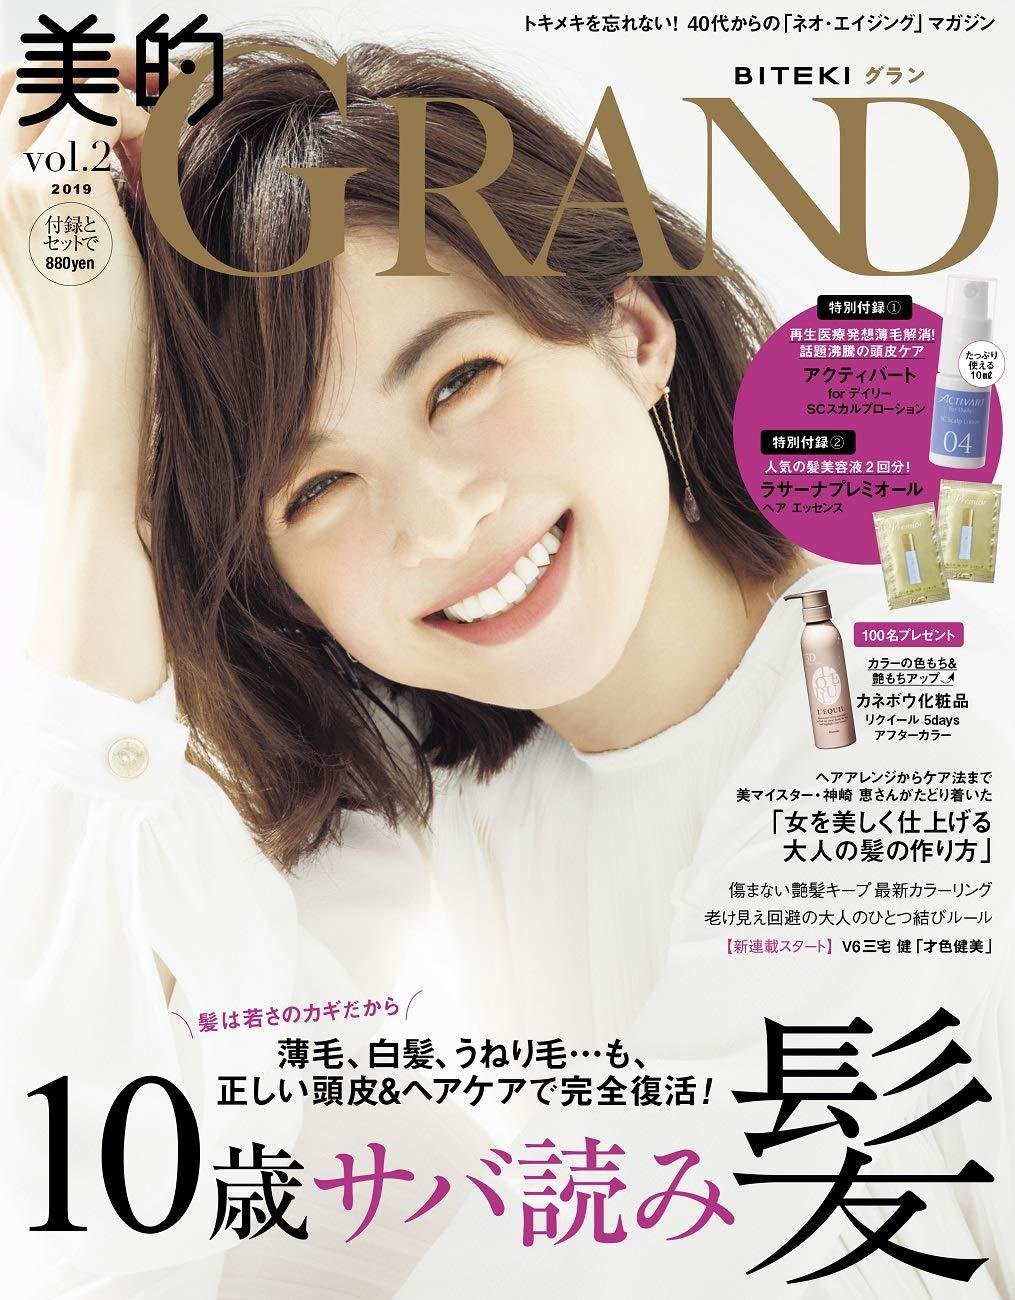 「美的GRAND」最新号 10歳サバ読み 髪のネオ・エイジング